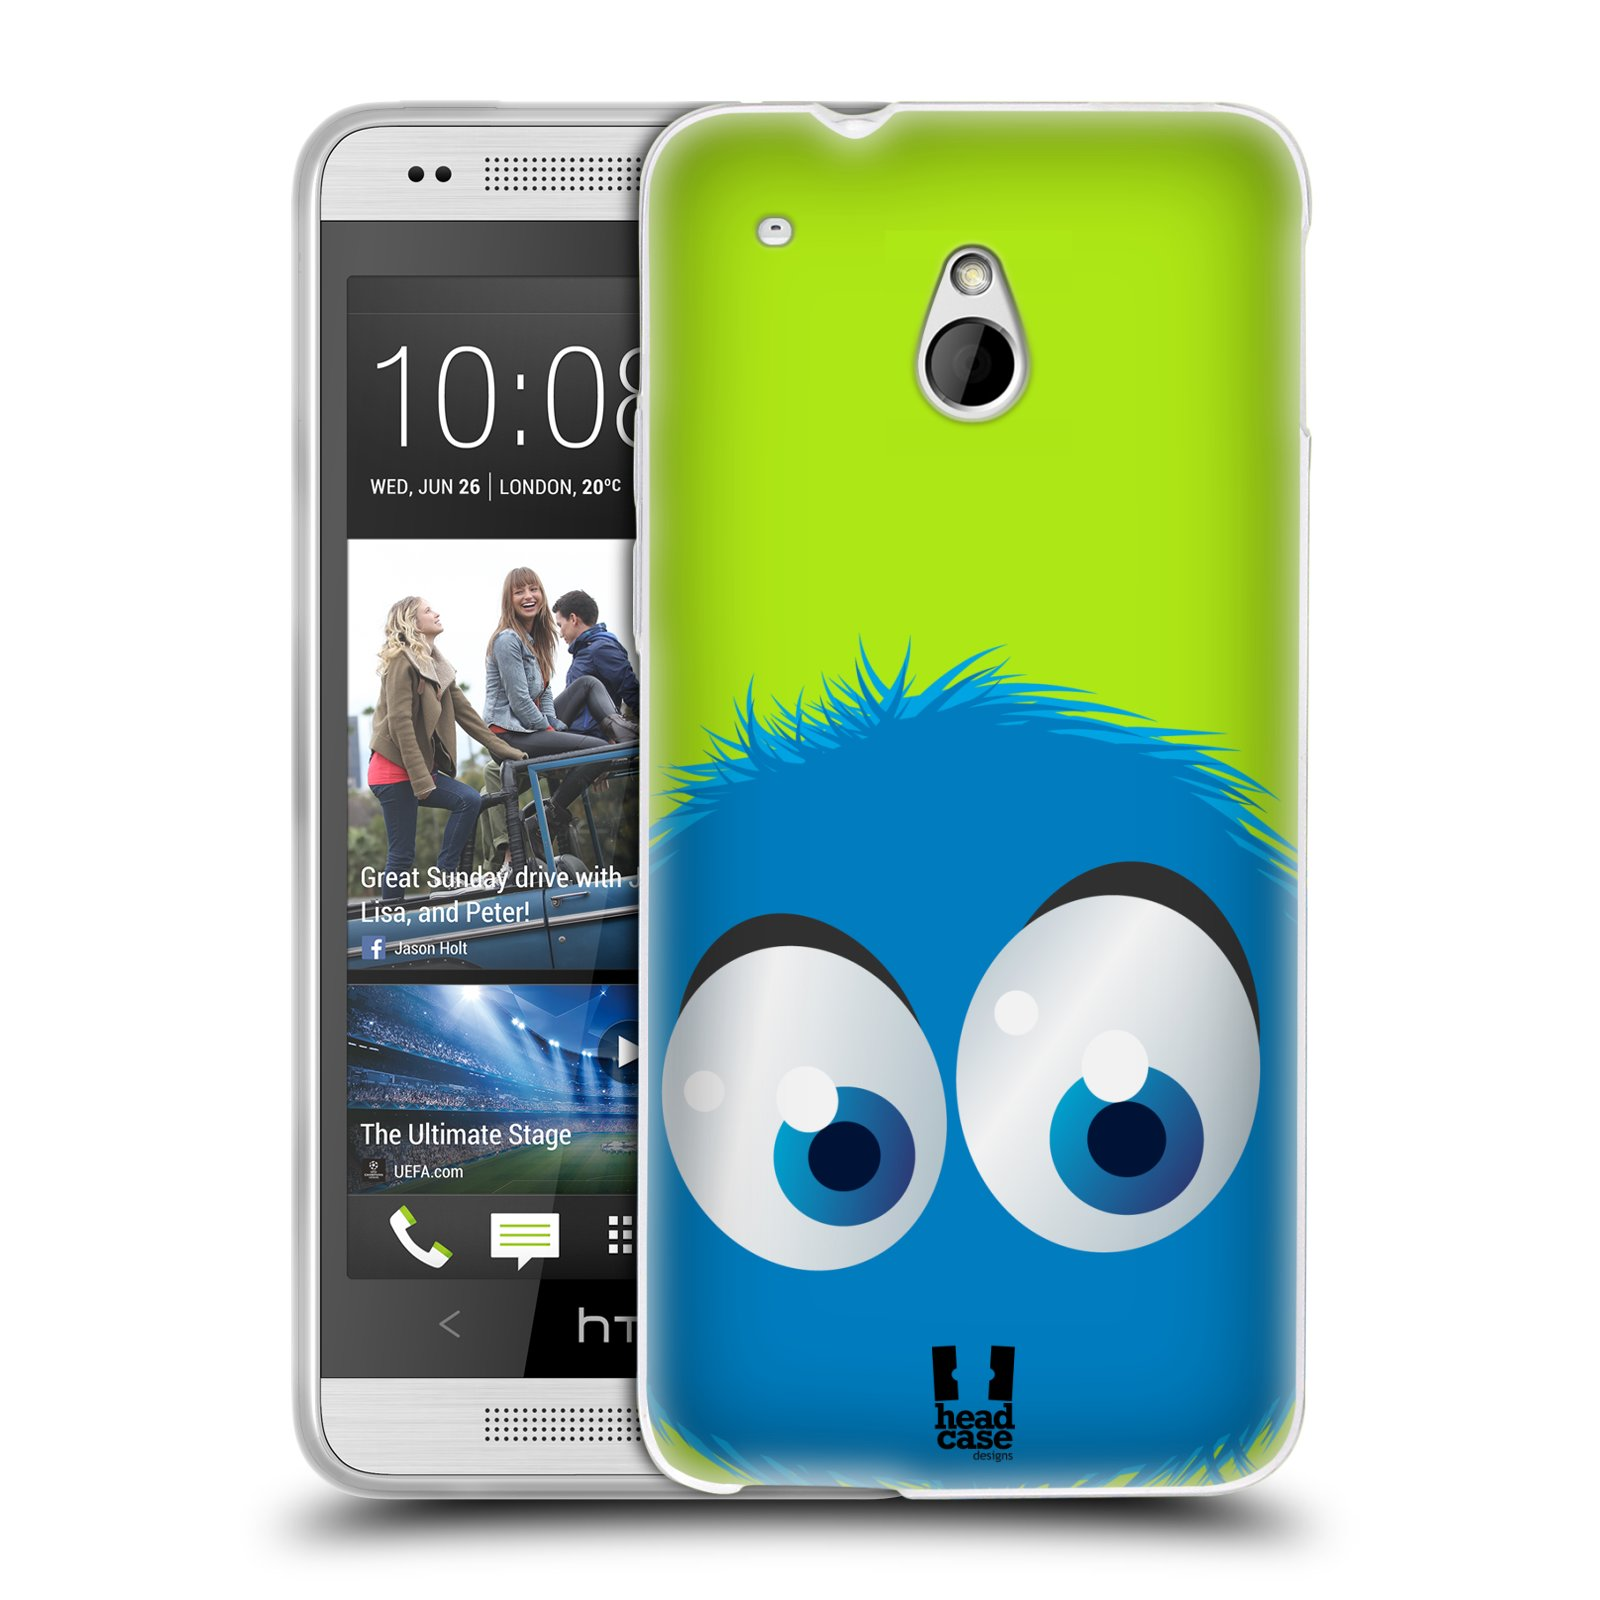 HEAD CASE silikonový obal na mobil HTC ONE MINI (M4) vzor Barevný chlupatý smajlík MODRÁ zelené pozadí